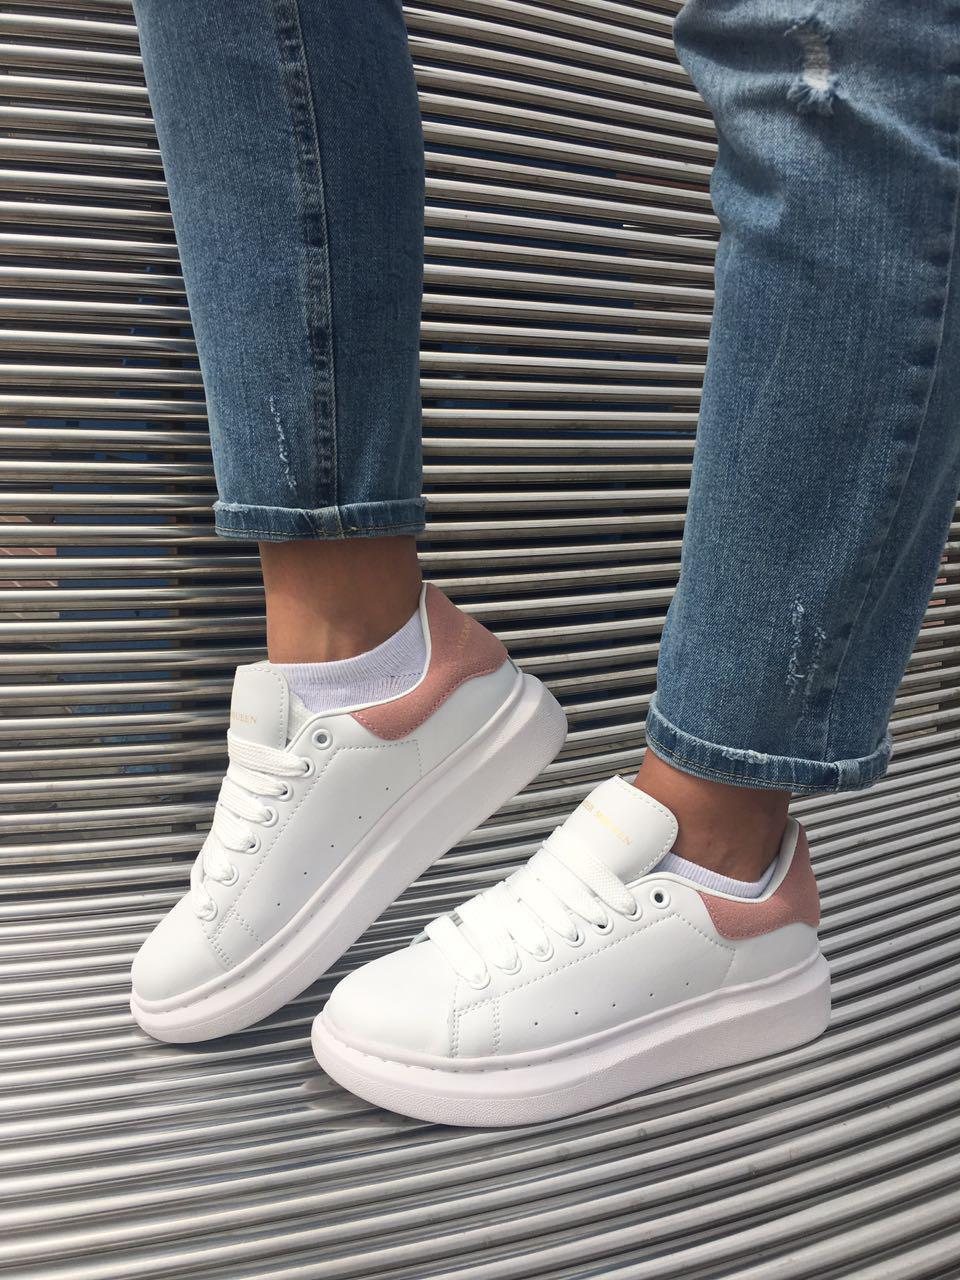 Кросівки кеди білі жіночі Олександр Макквін (Alexander Mcqueen) розмір 36, 37, 38, 39, 40 репліка